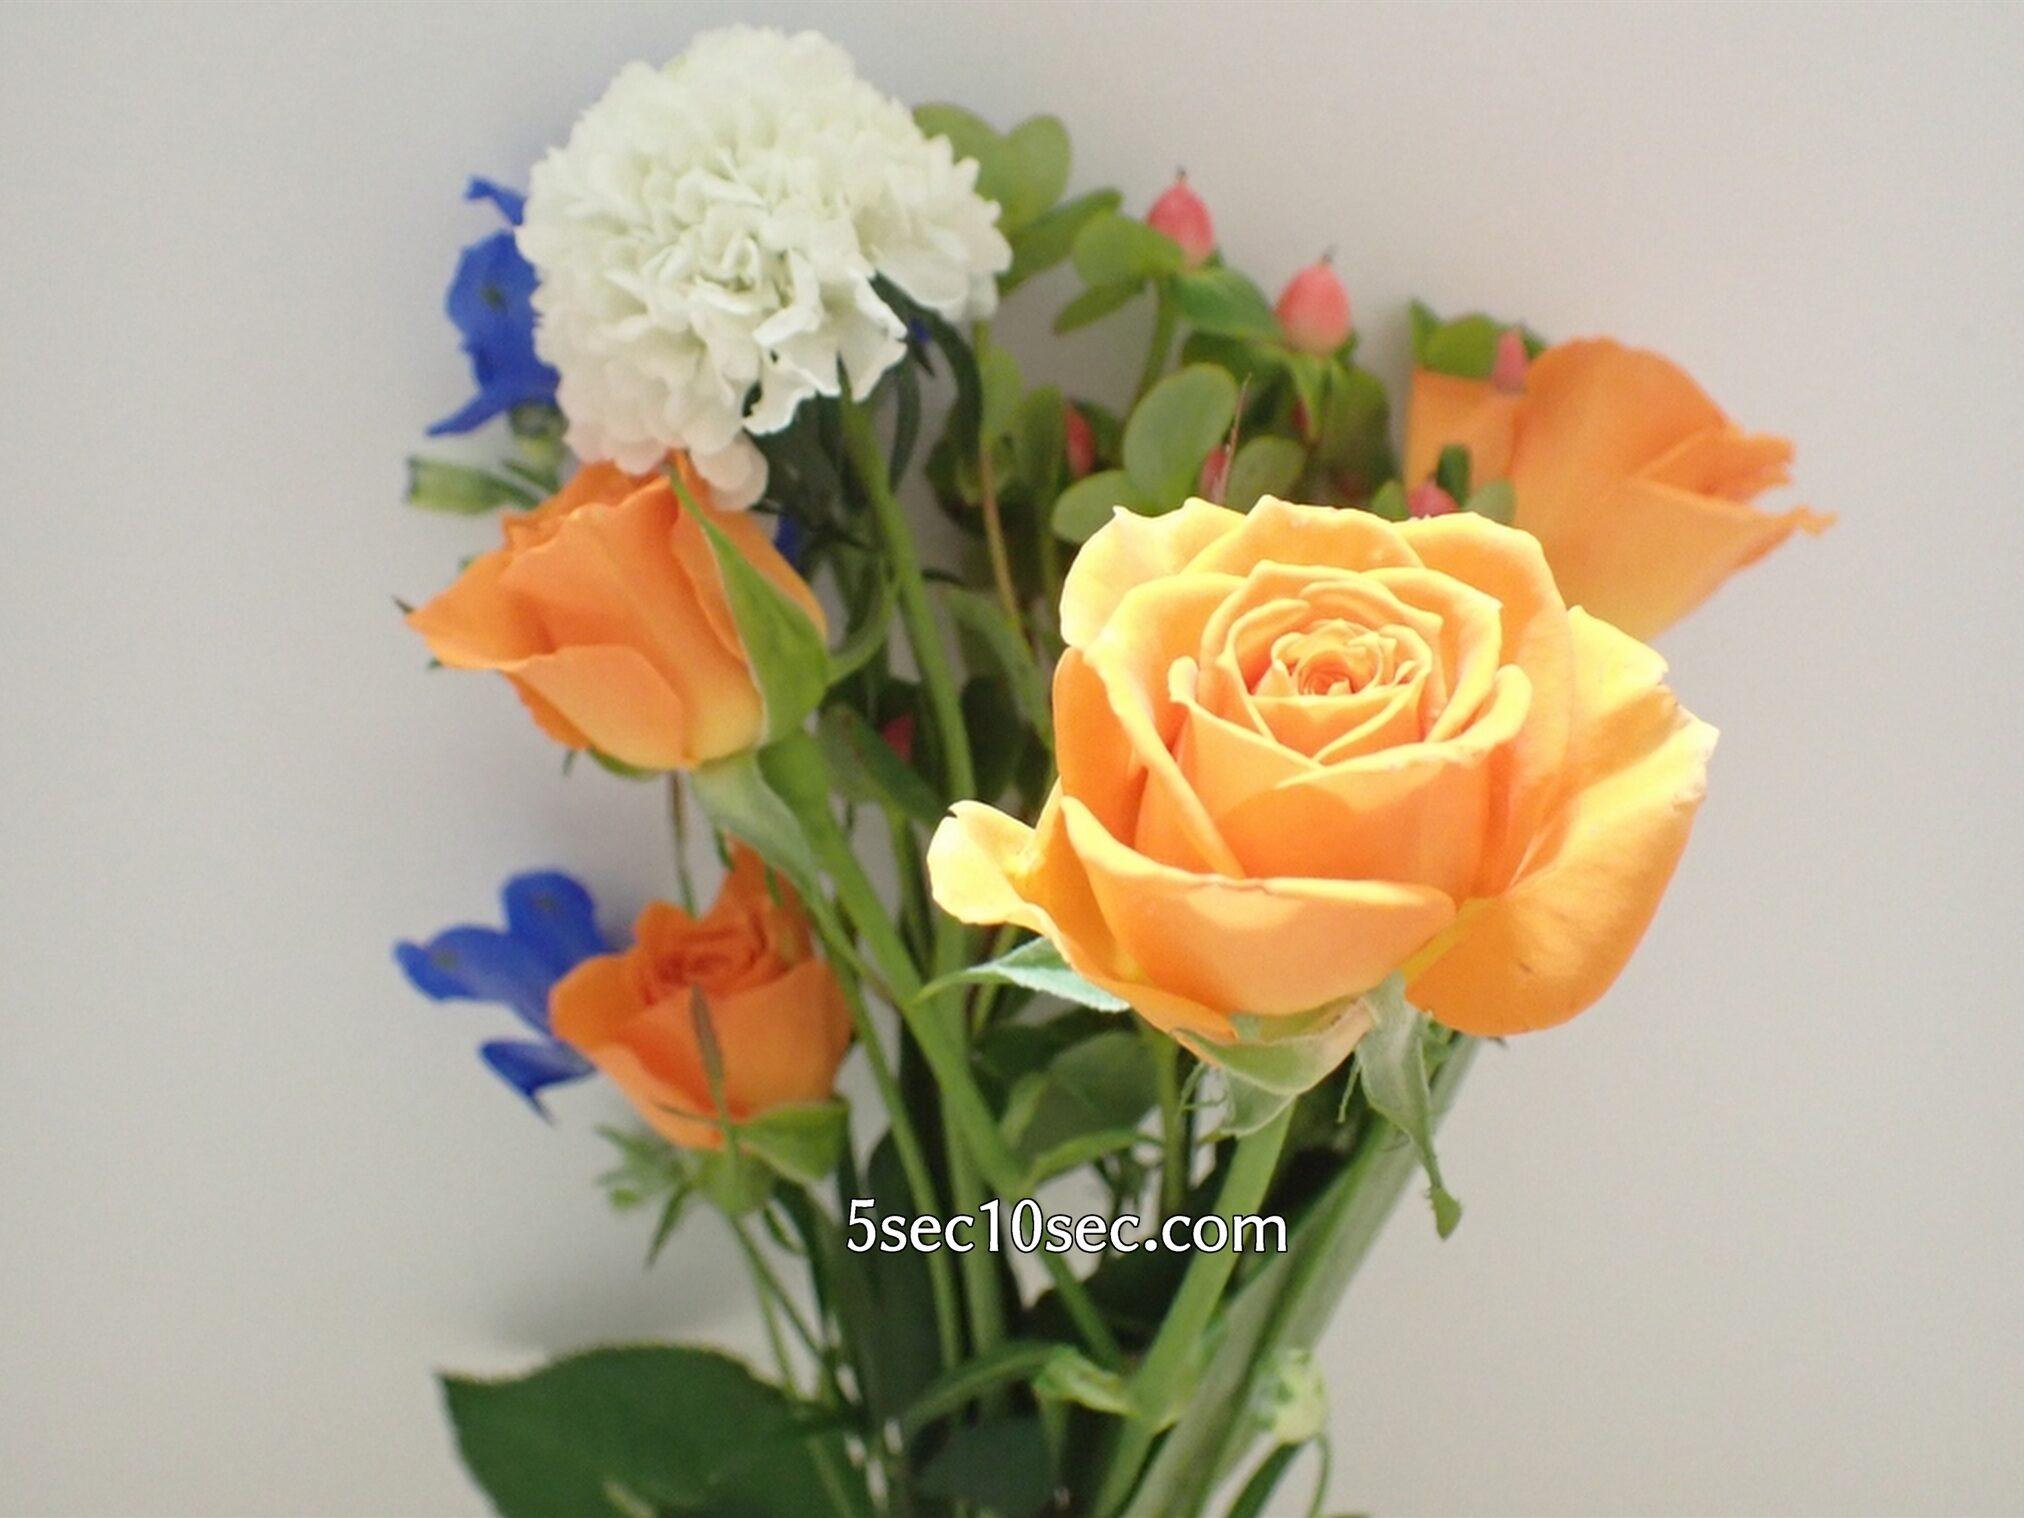 Bloomee LIFE(ブルーミーライフ)レギュラープラン 今週のお花 薔薇にも色んな種類があって、こちらはスプレーバラです